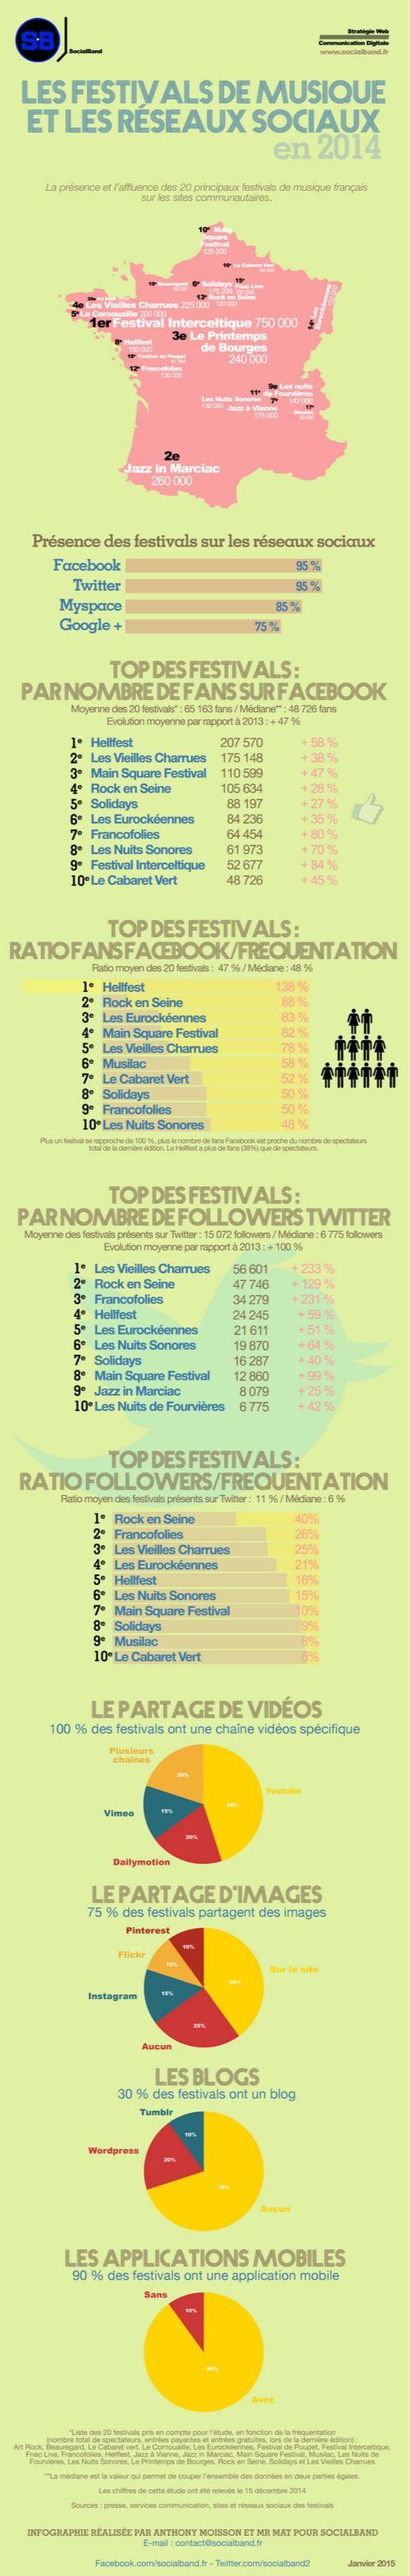 La puissance des festivals sur les réseaux sociaux : les chiffres !